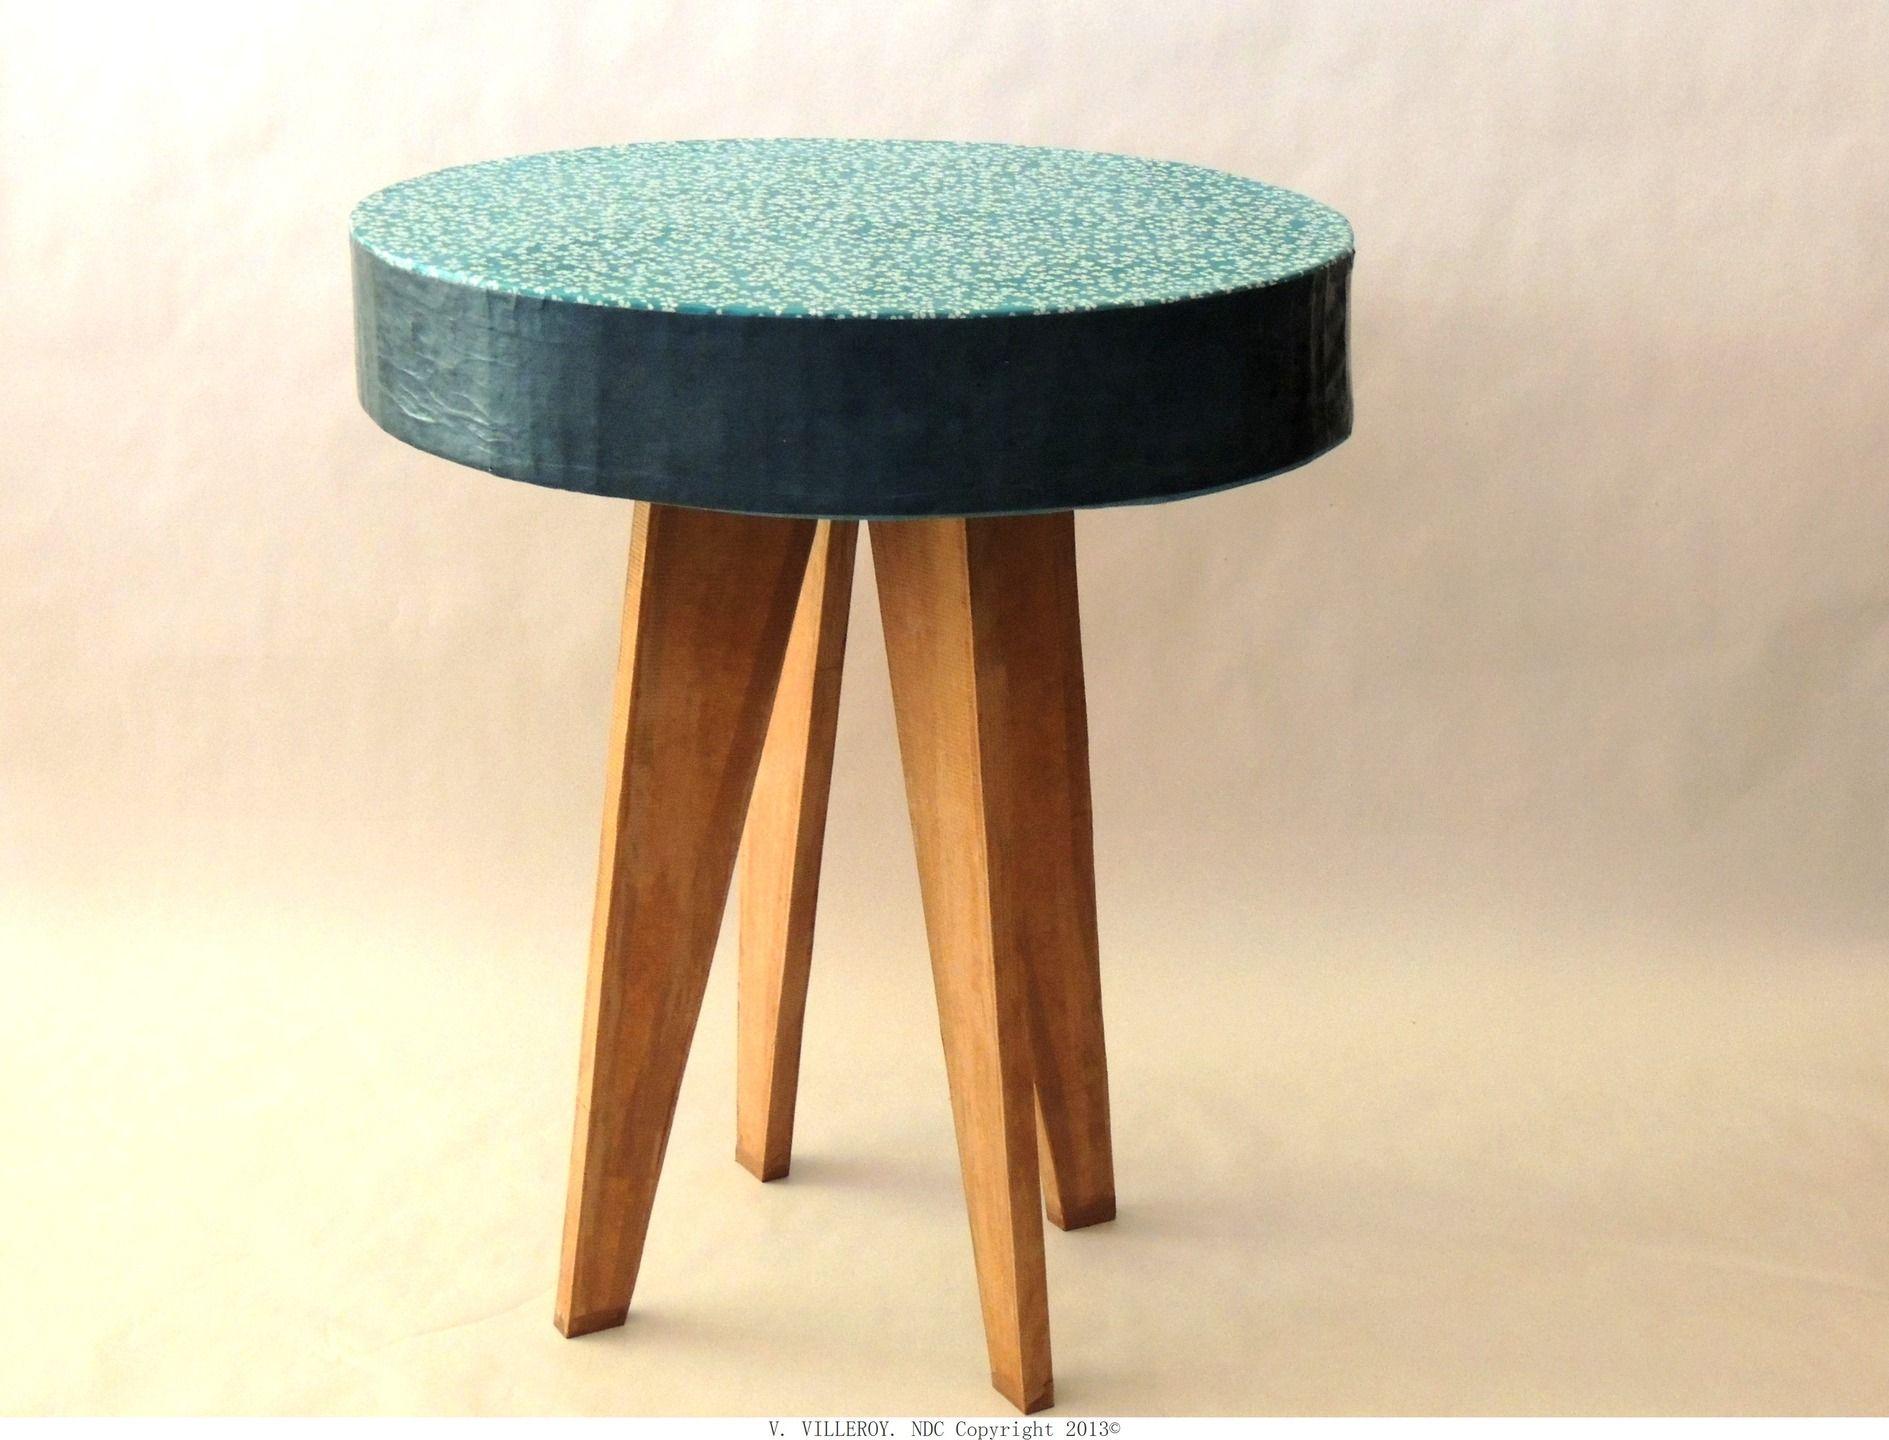 Table basse vintage bleue en carton recycl et bois for Meuble par nature